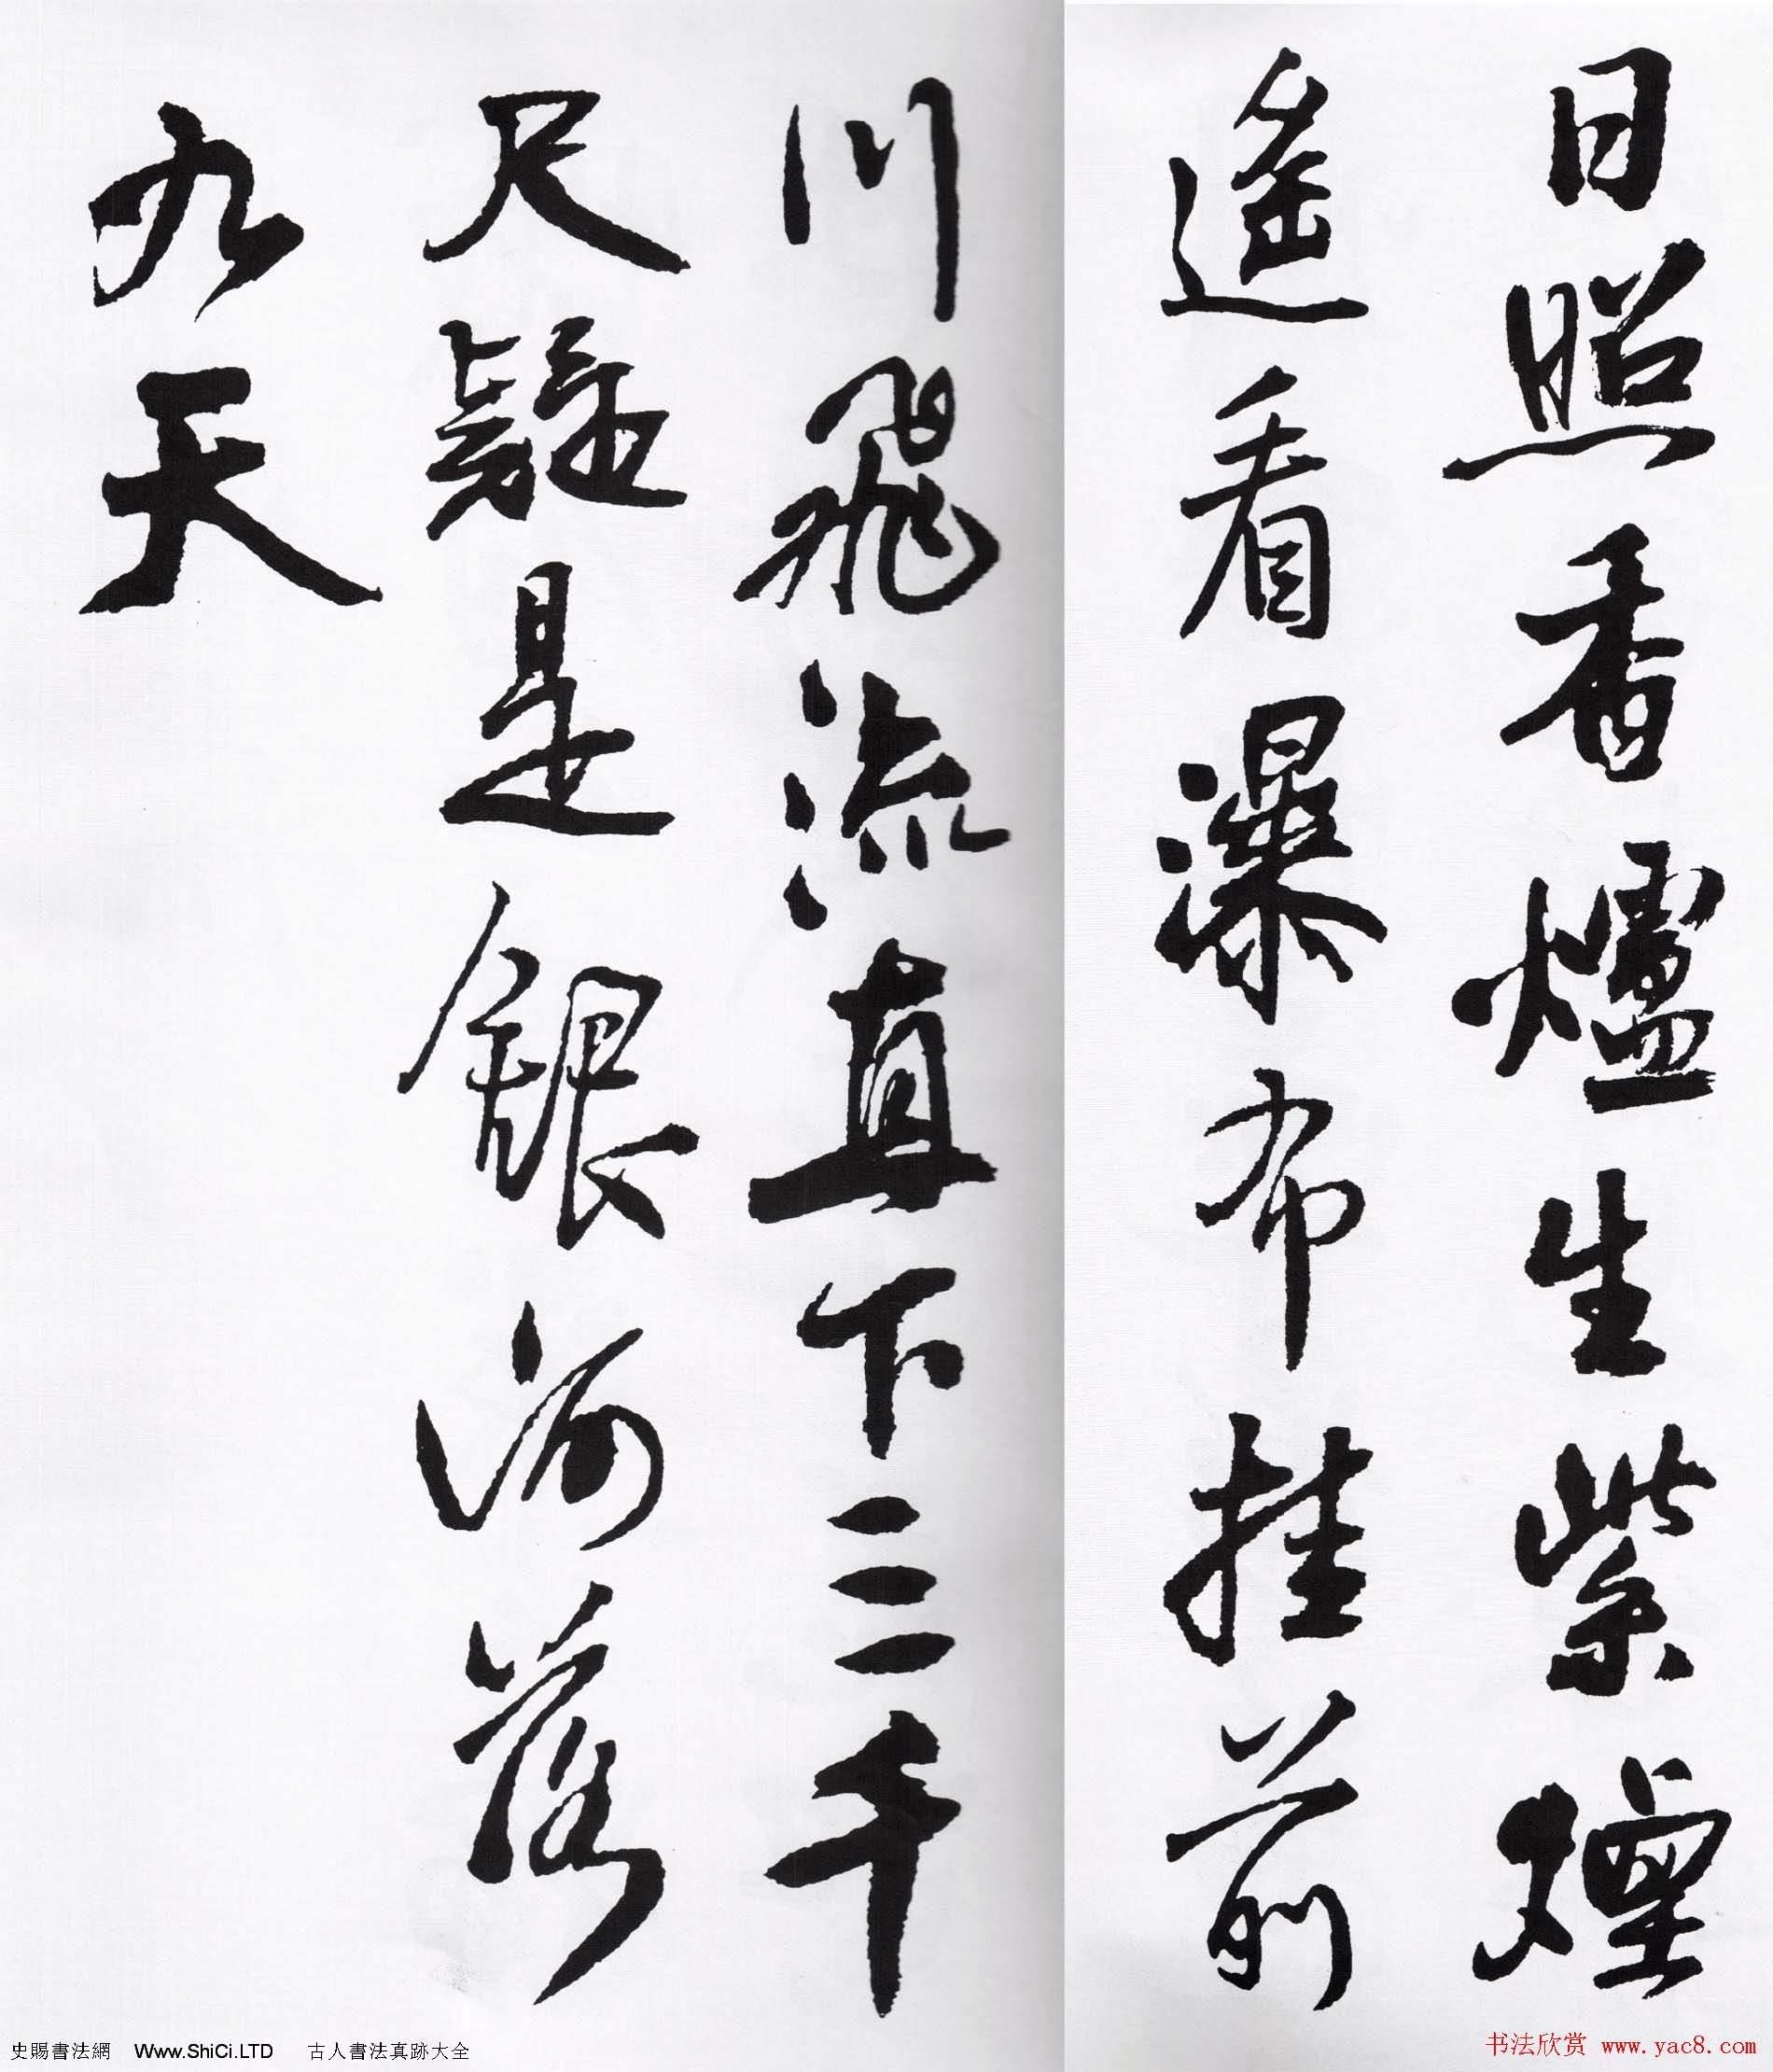 王鐸行書字帖真跡欣賞《集字七言古詩21首》(共21張圖片)